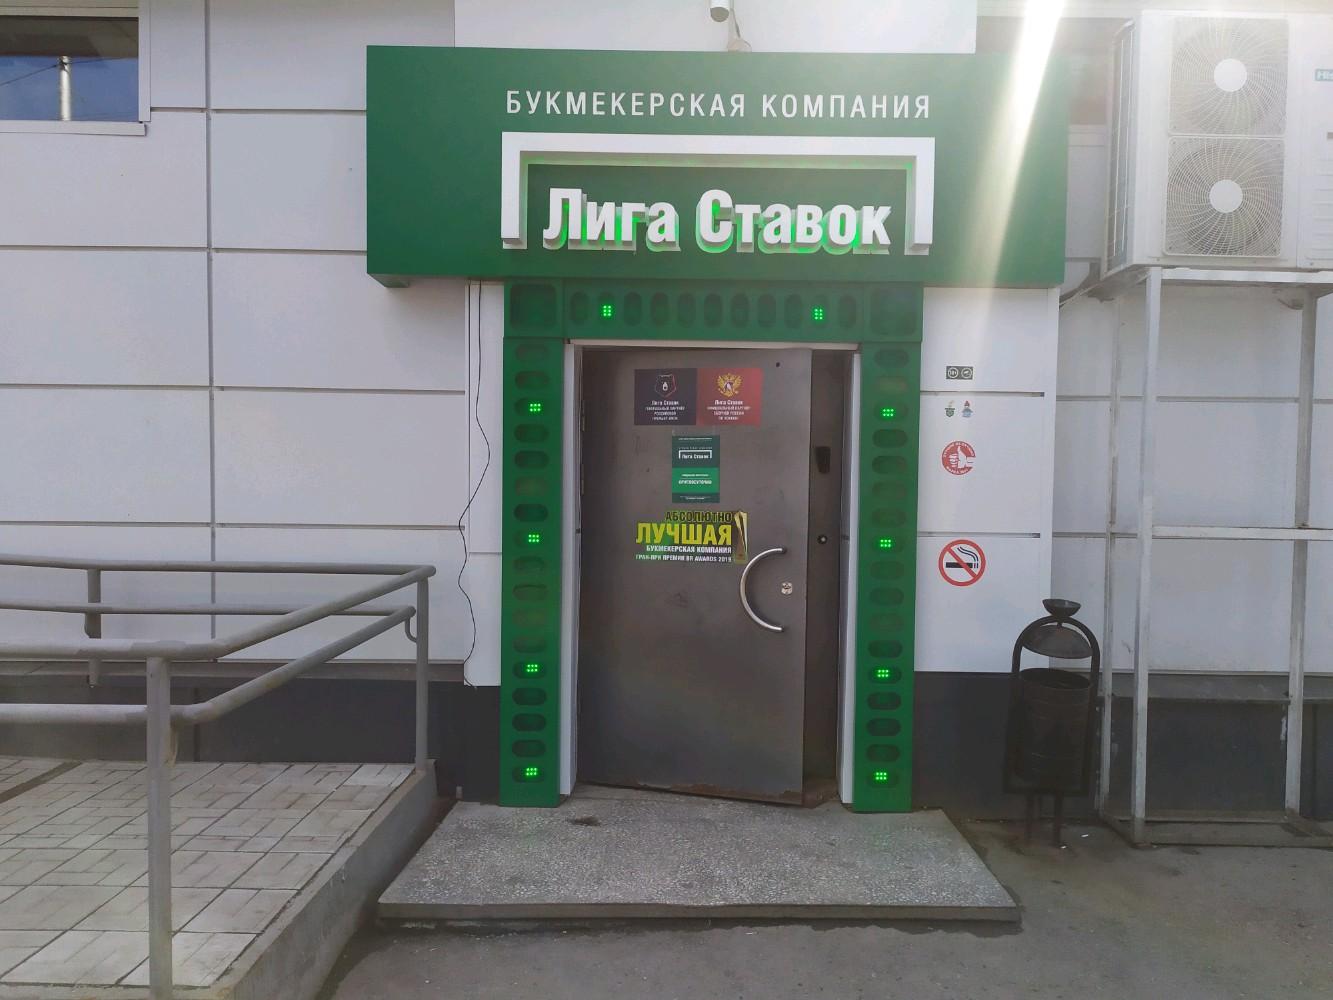 Адреса букмекерских контор в иваново